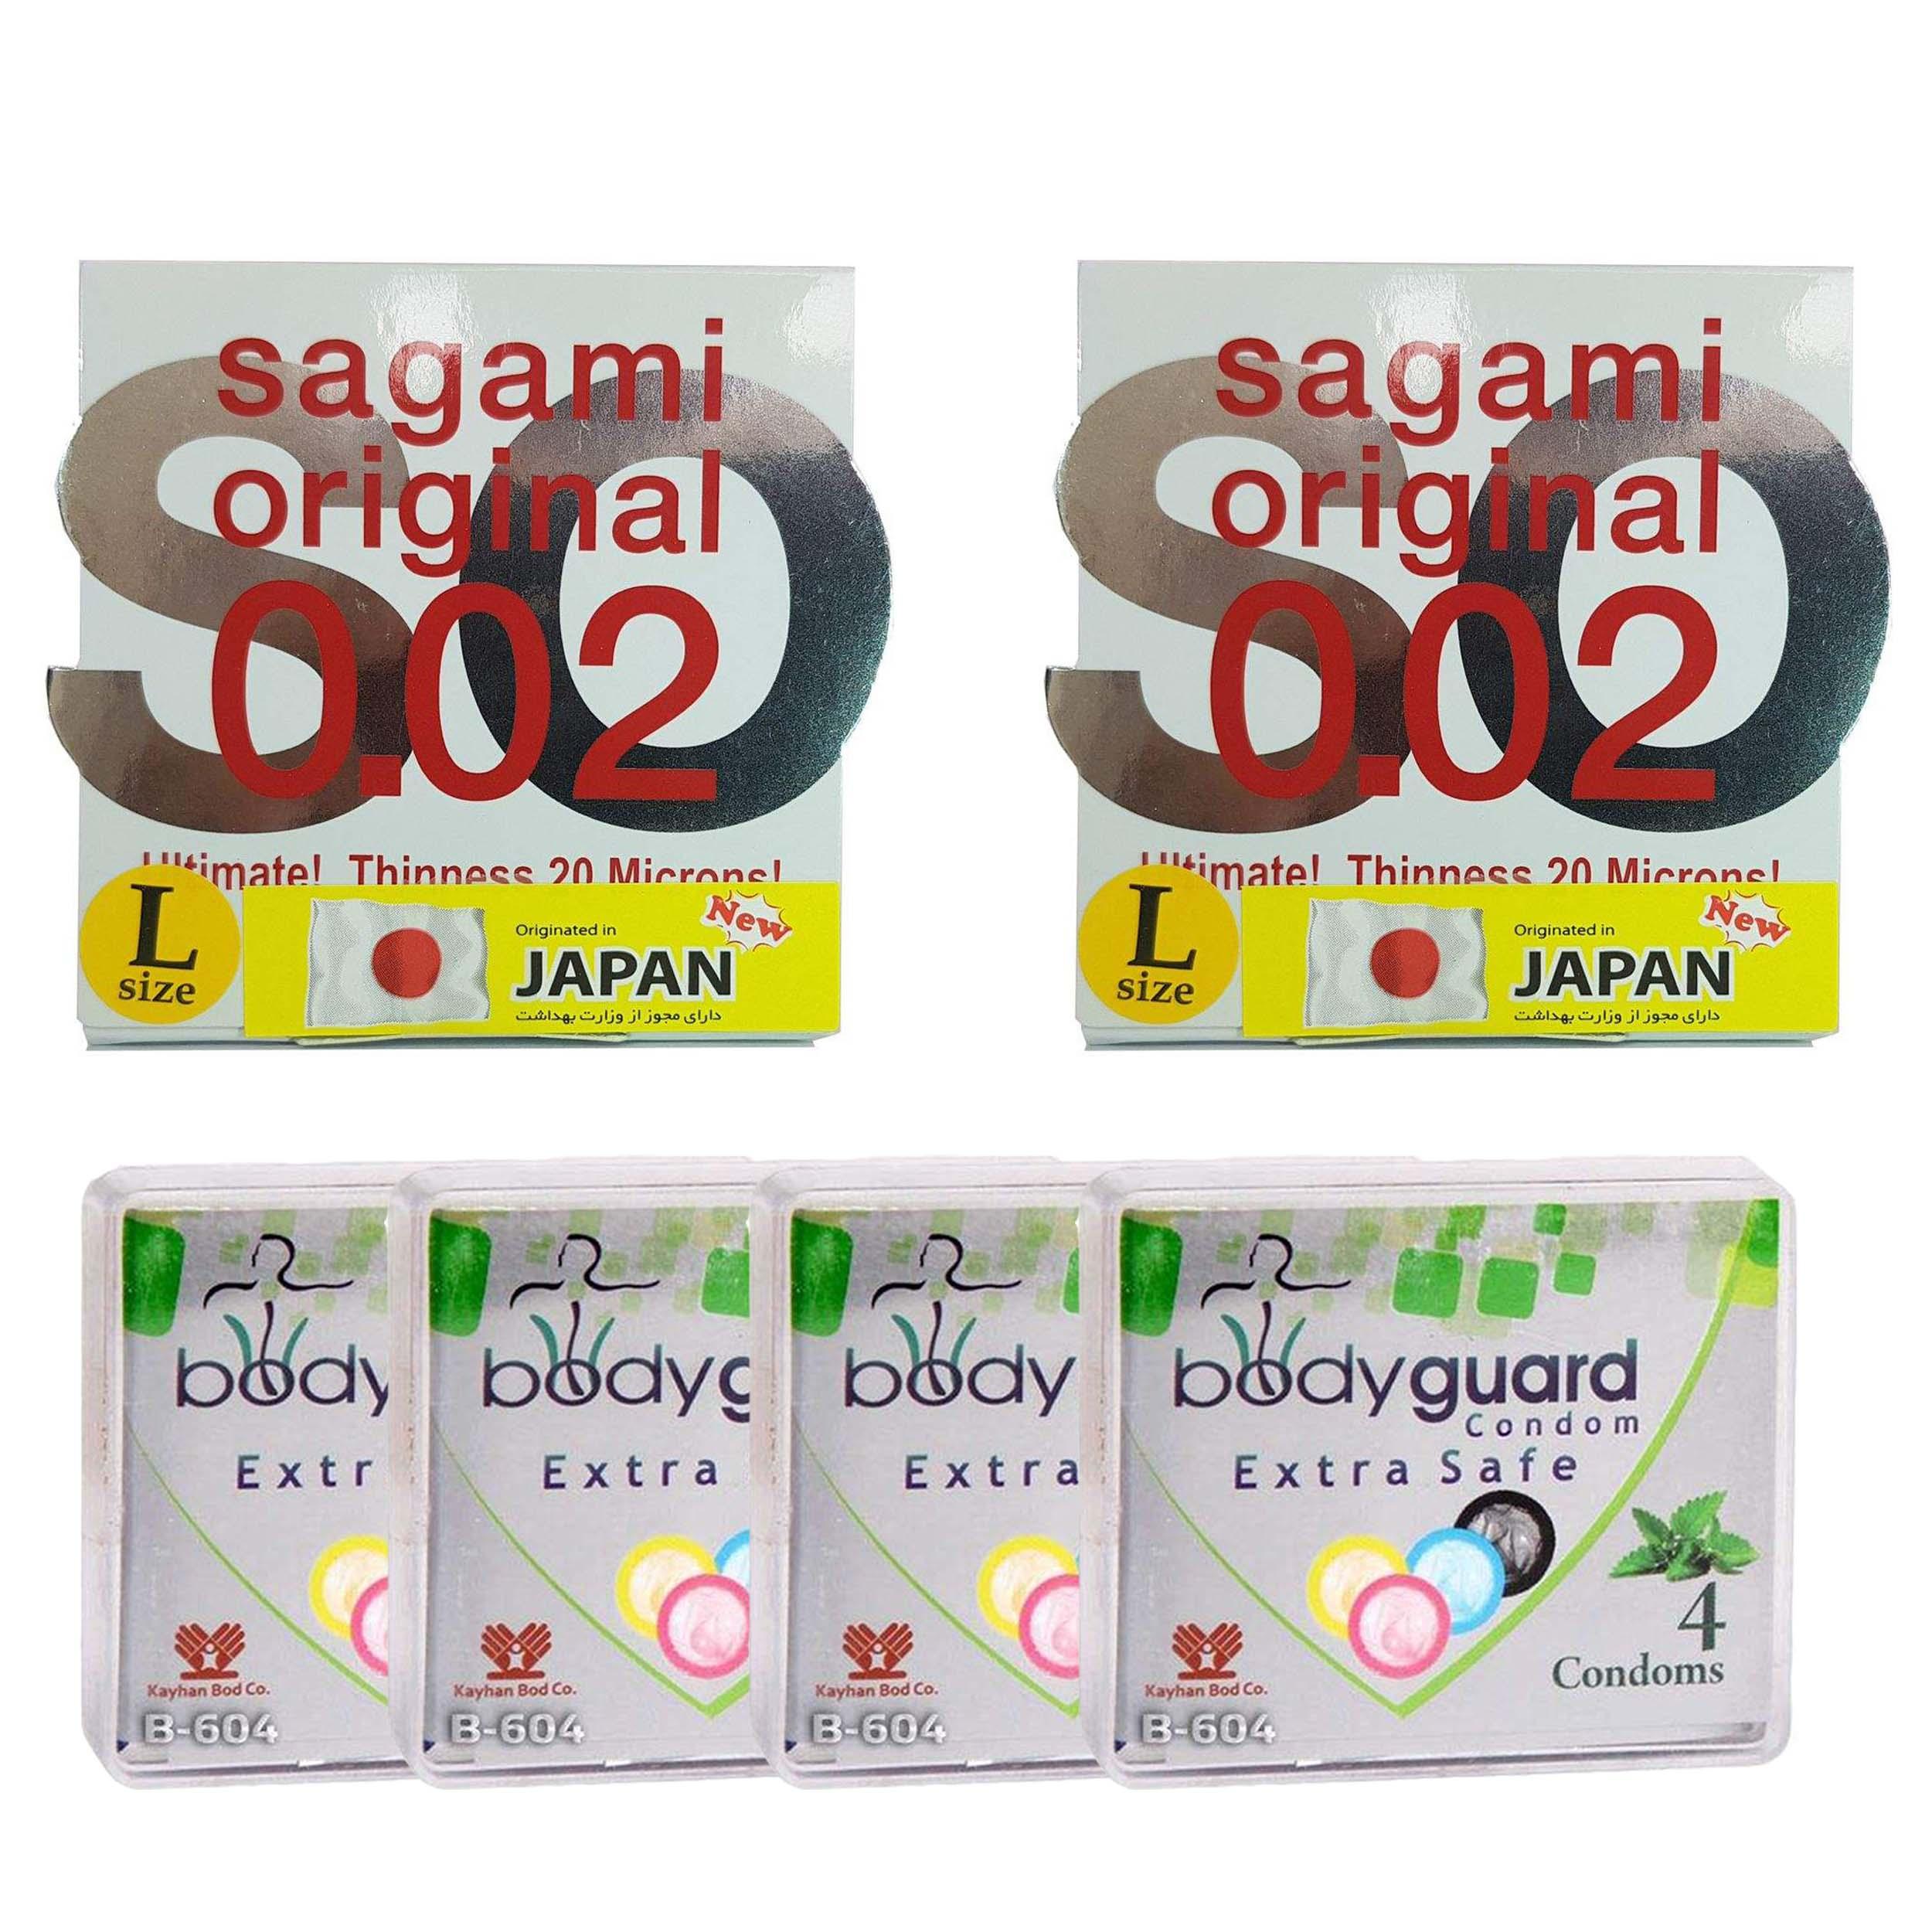 خرید                      کاندوم ساگامی مدل لارج مجموعه 2 عددی به همراه کاندوم بادی گارد مدل اکسترا سیف مجموعه 4 عددی